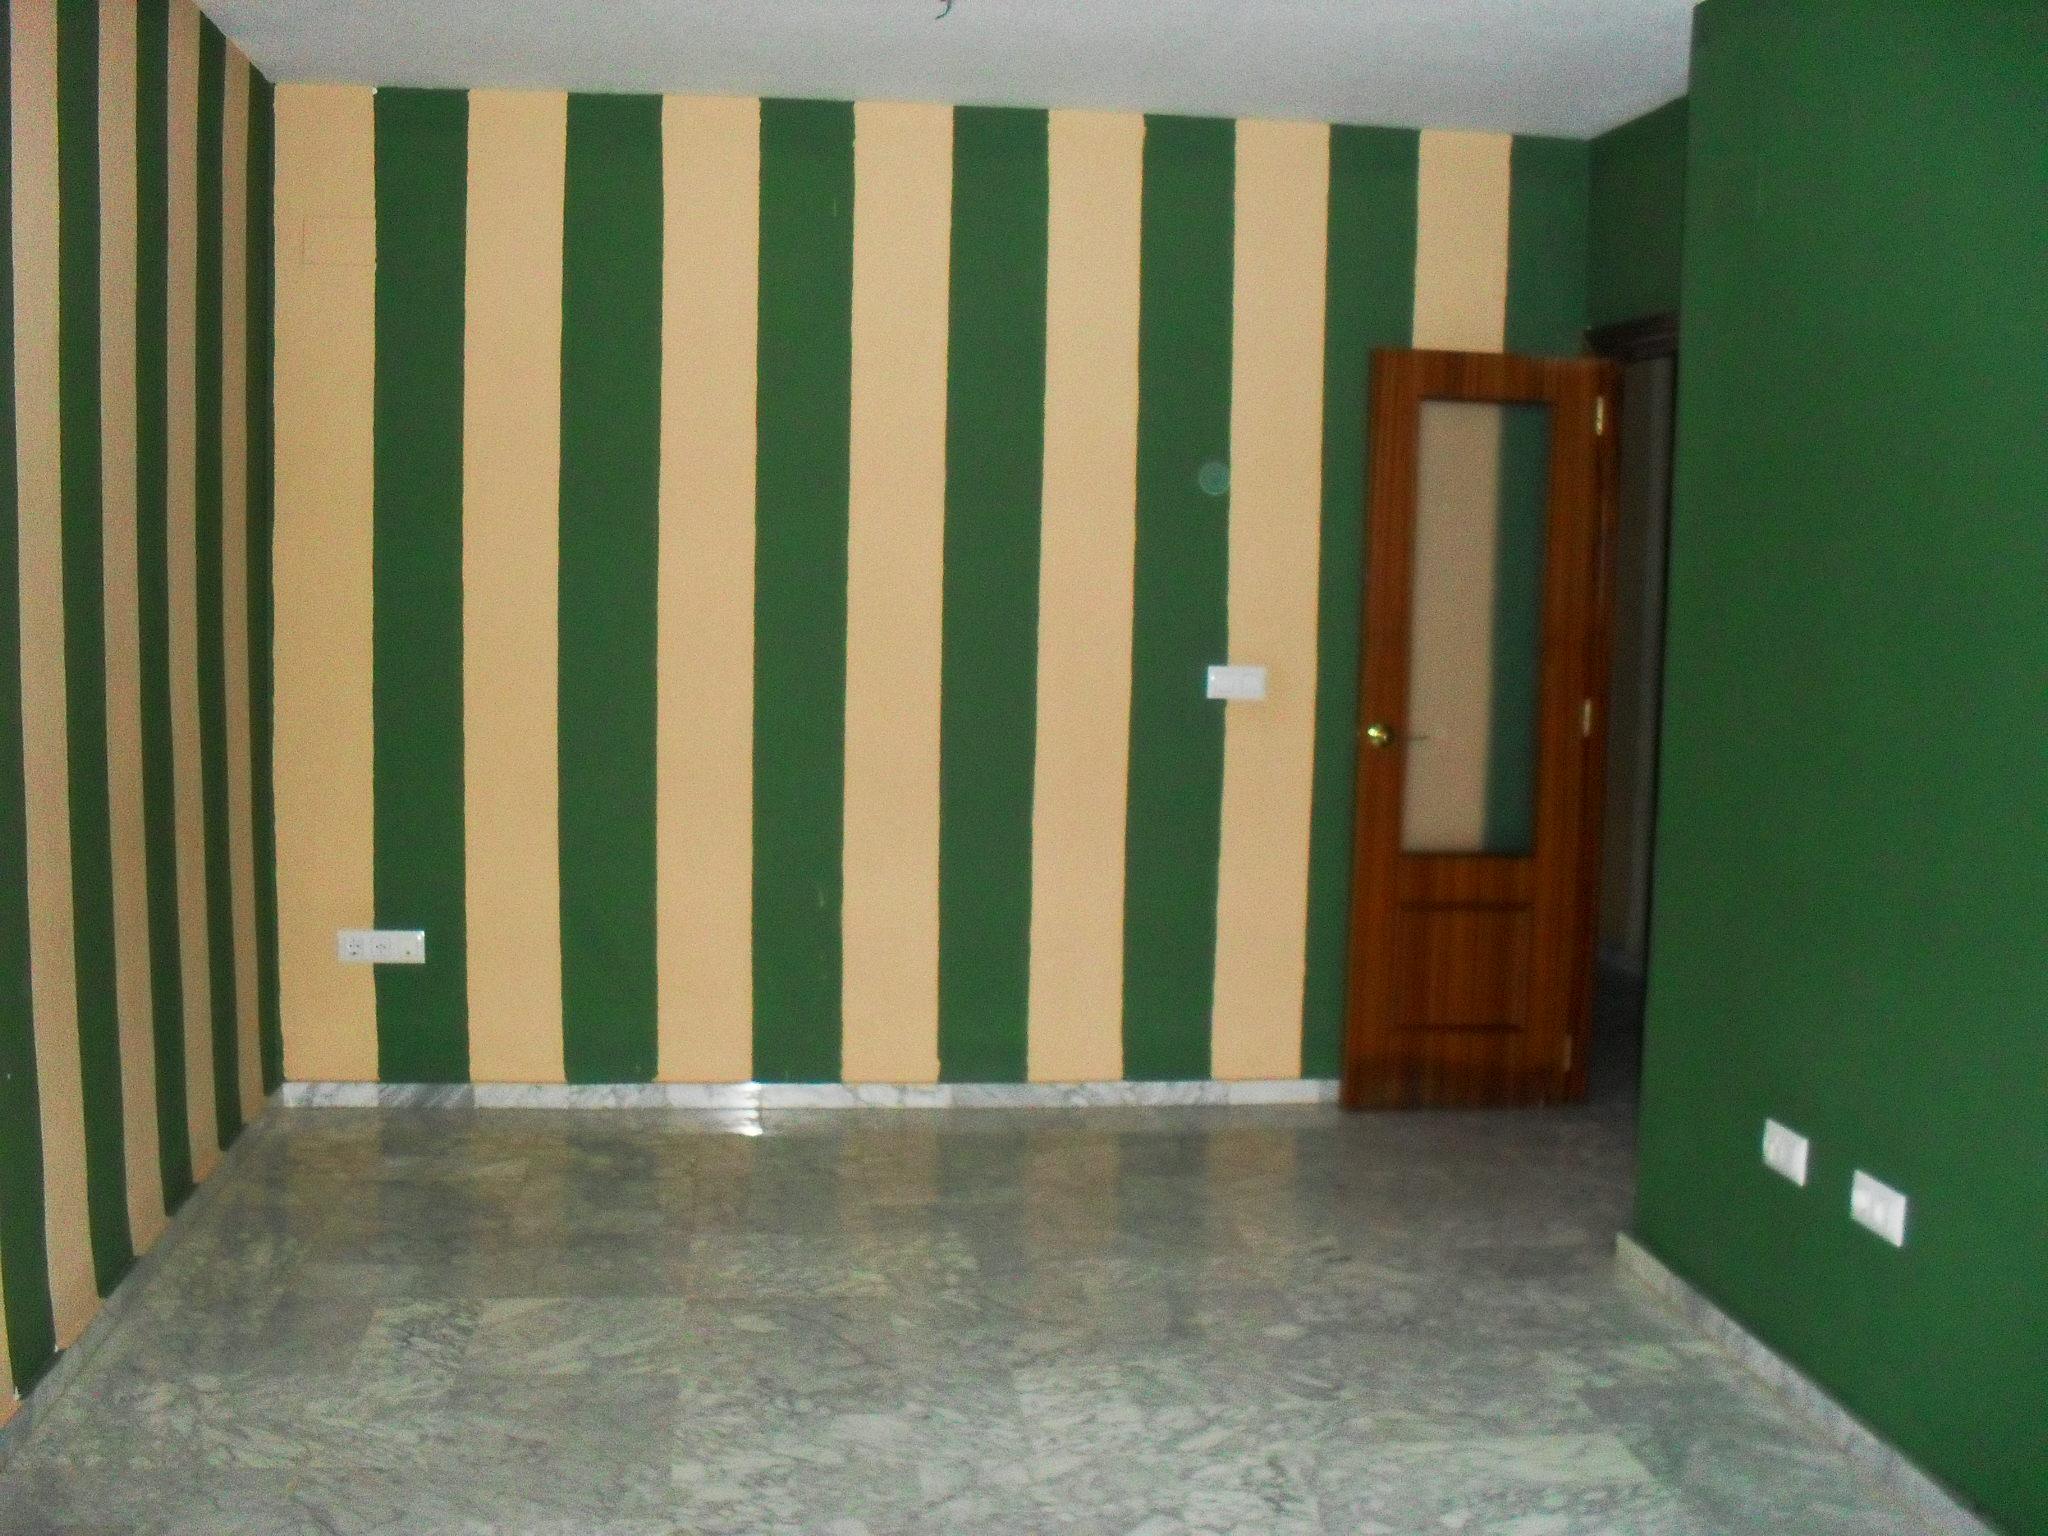 Piso Avda. Constitución de La Palma del condado, Huelva